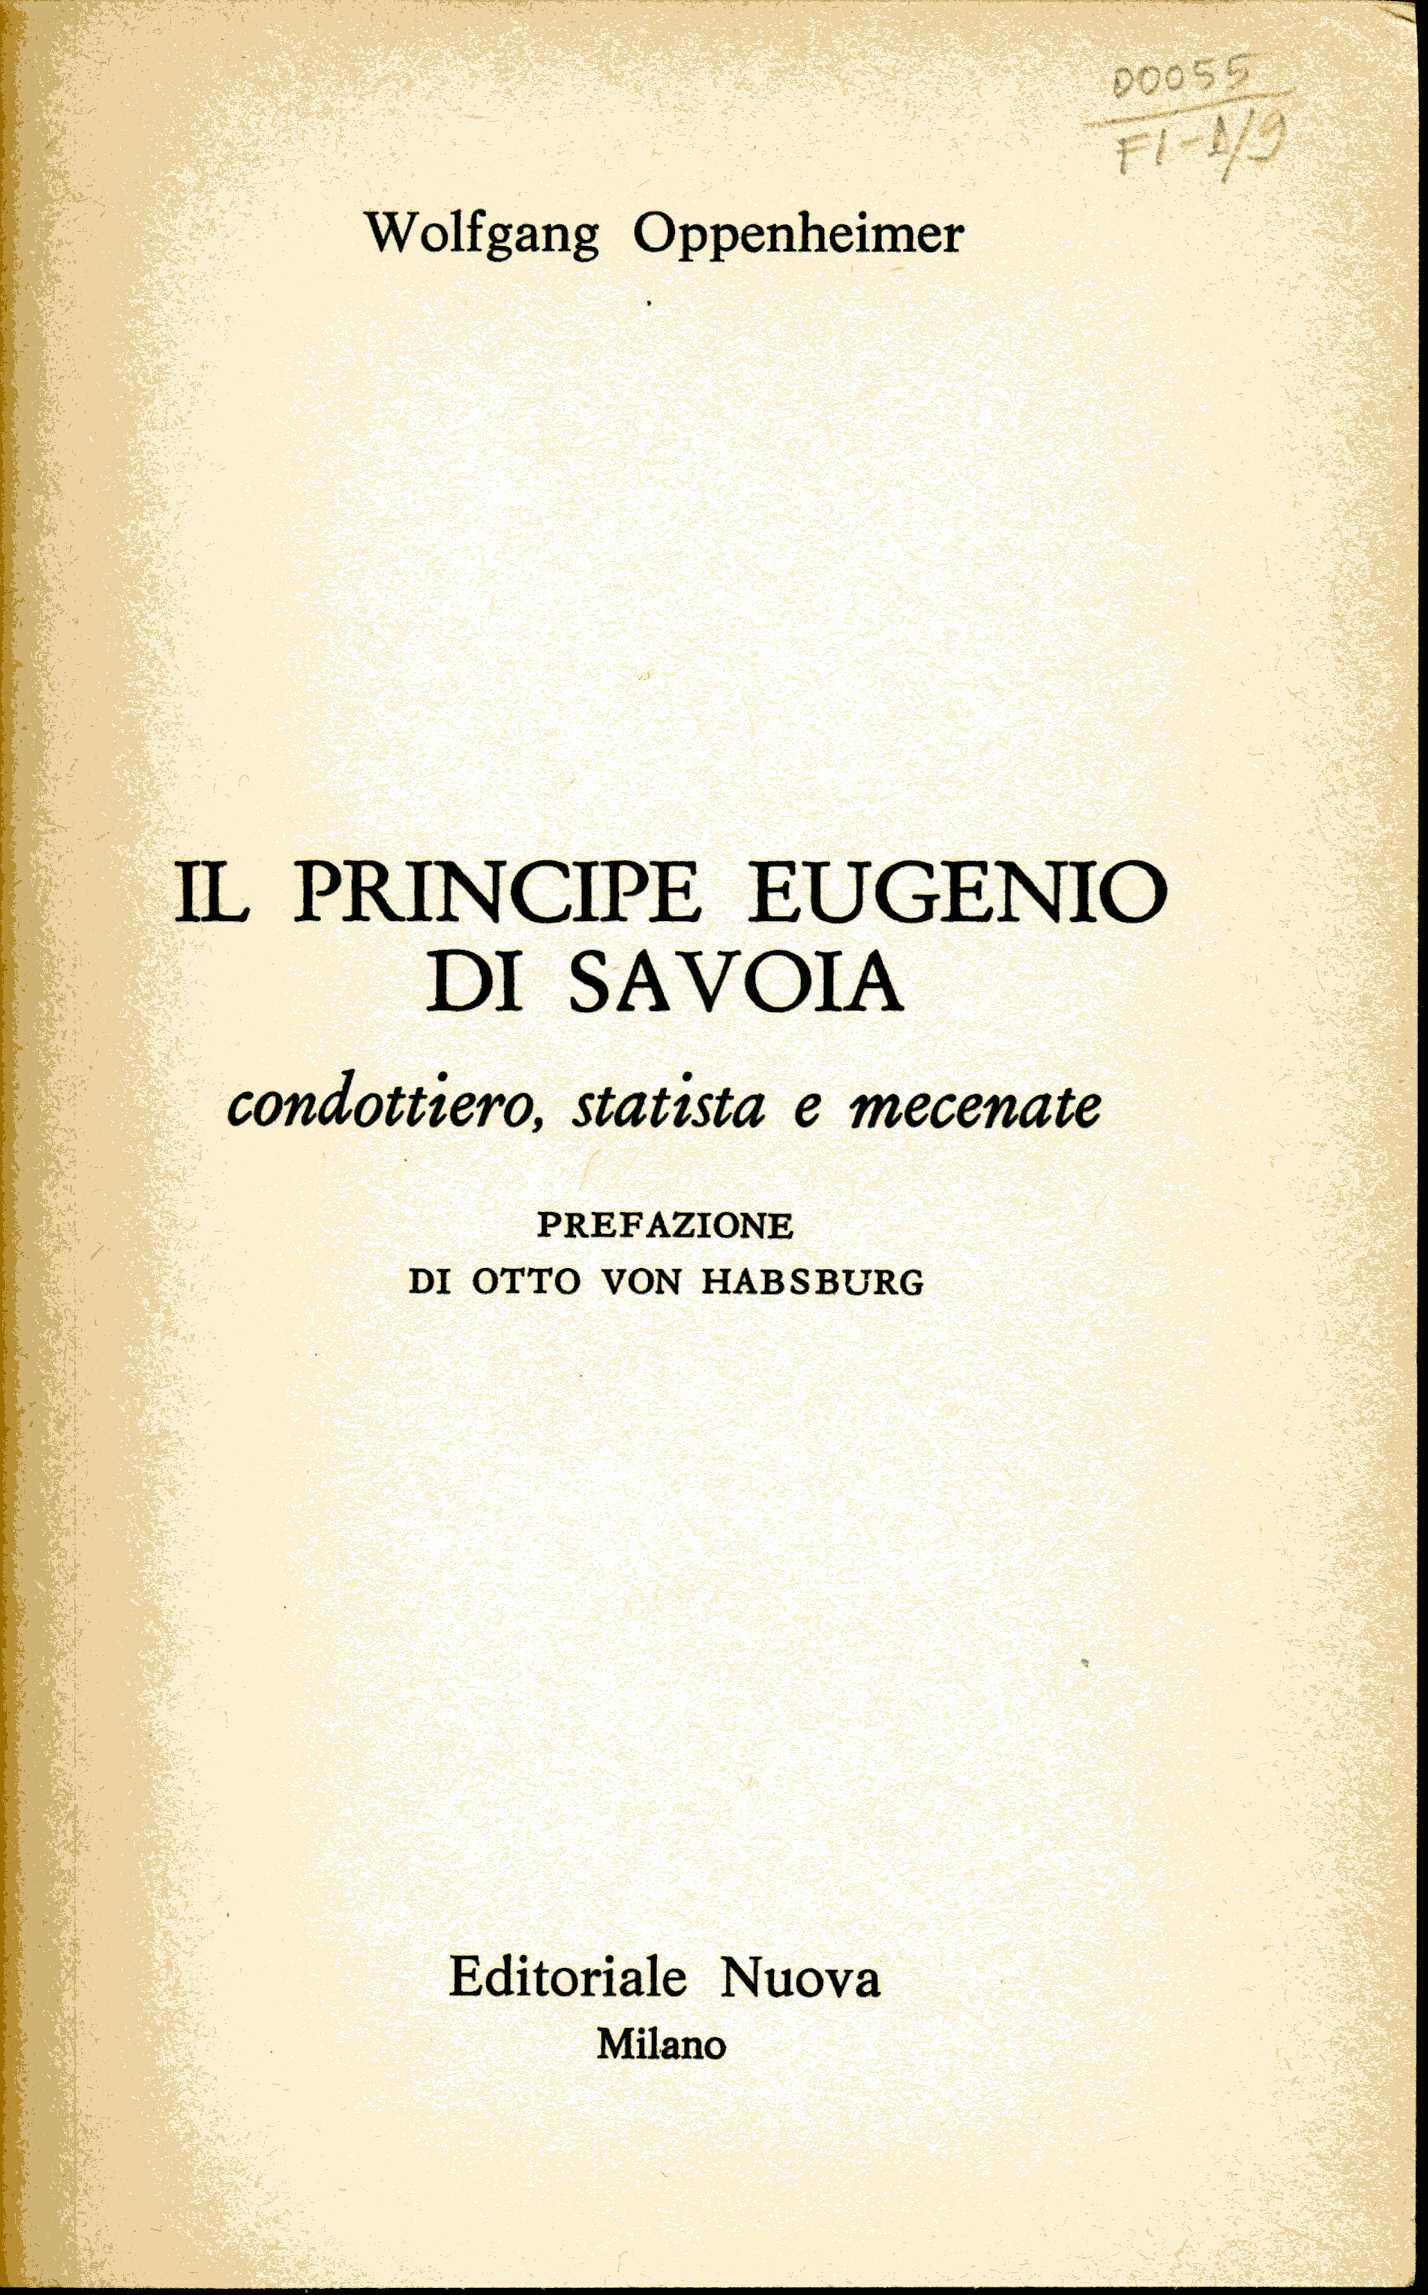 Il principe Eugenio di Savoia